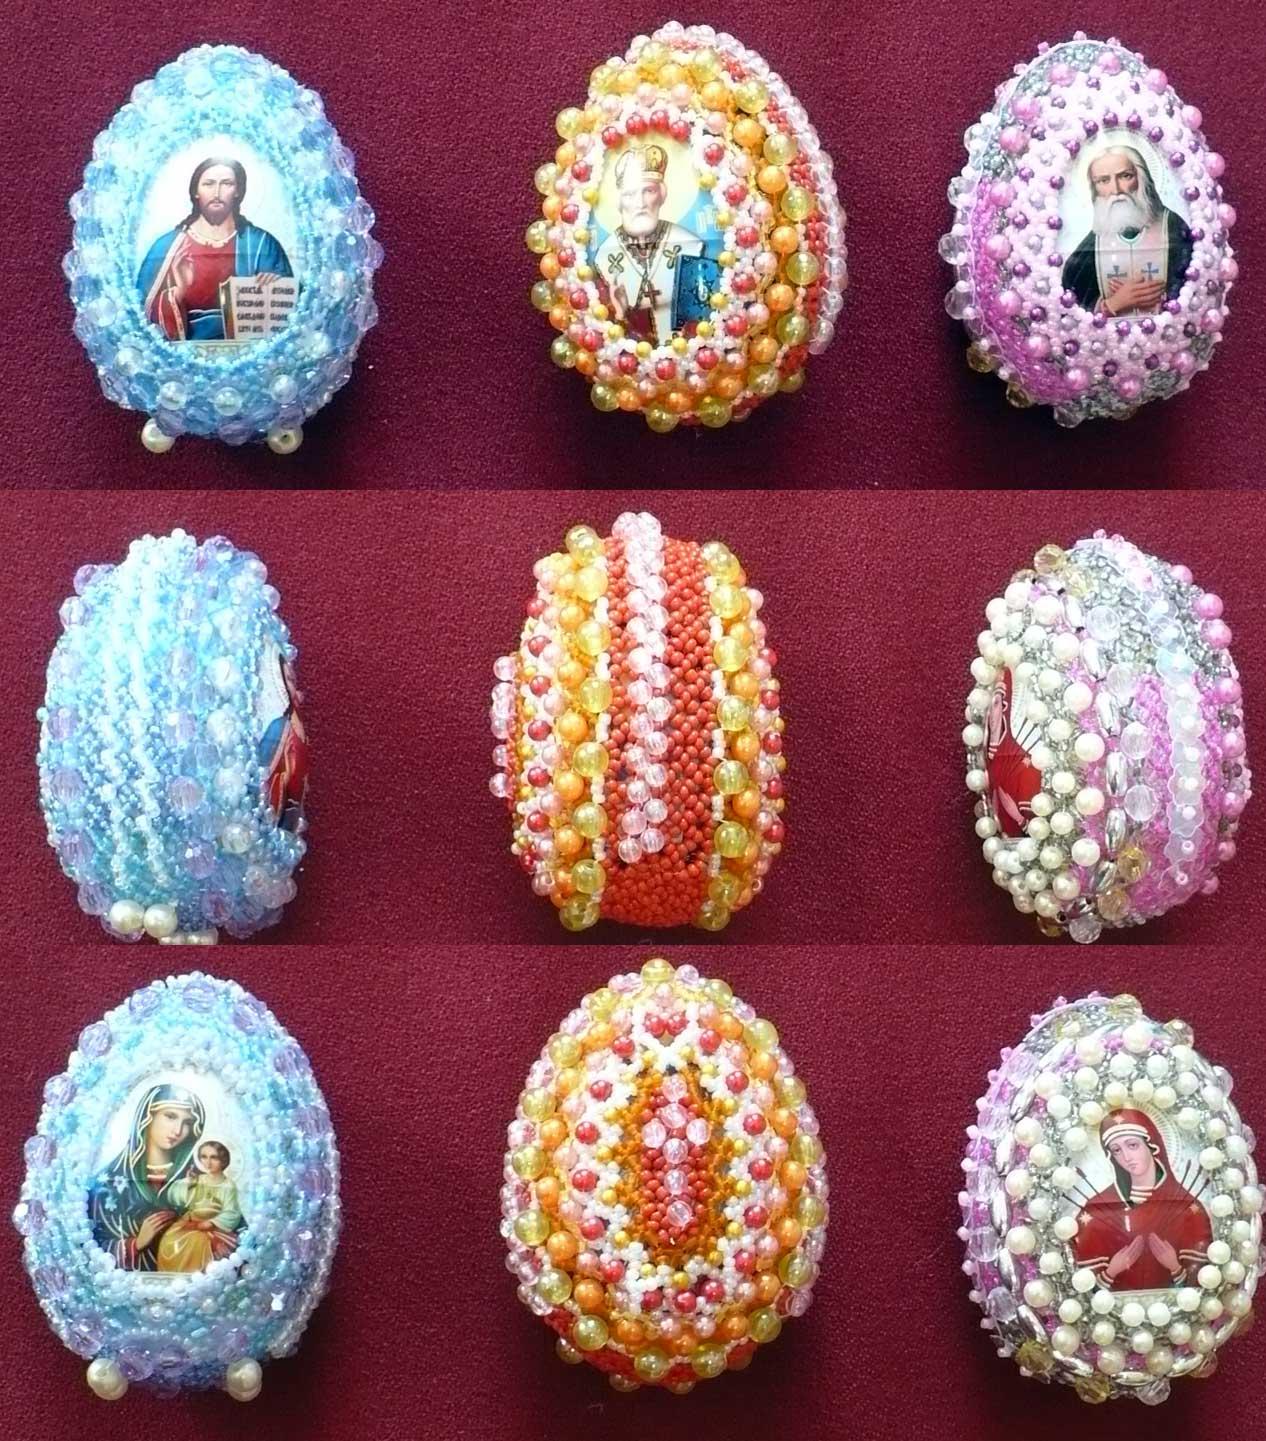 Яйца Пасхальные2. Пасхальные яйца